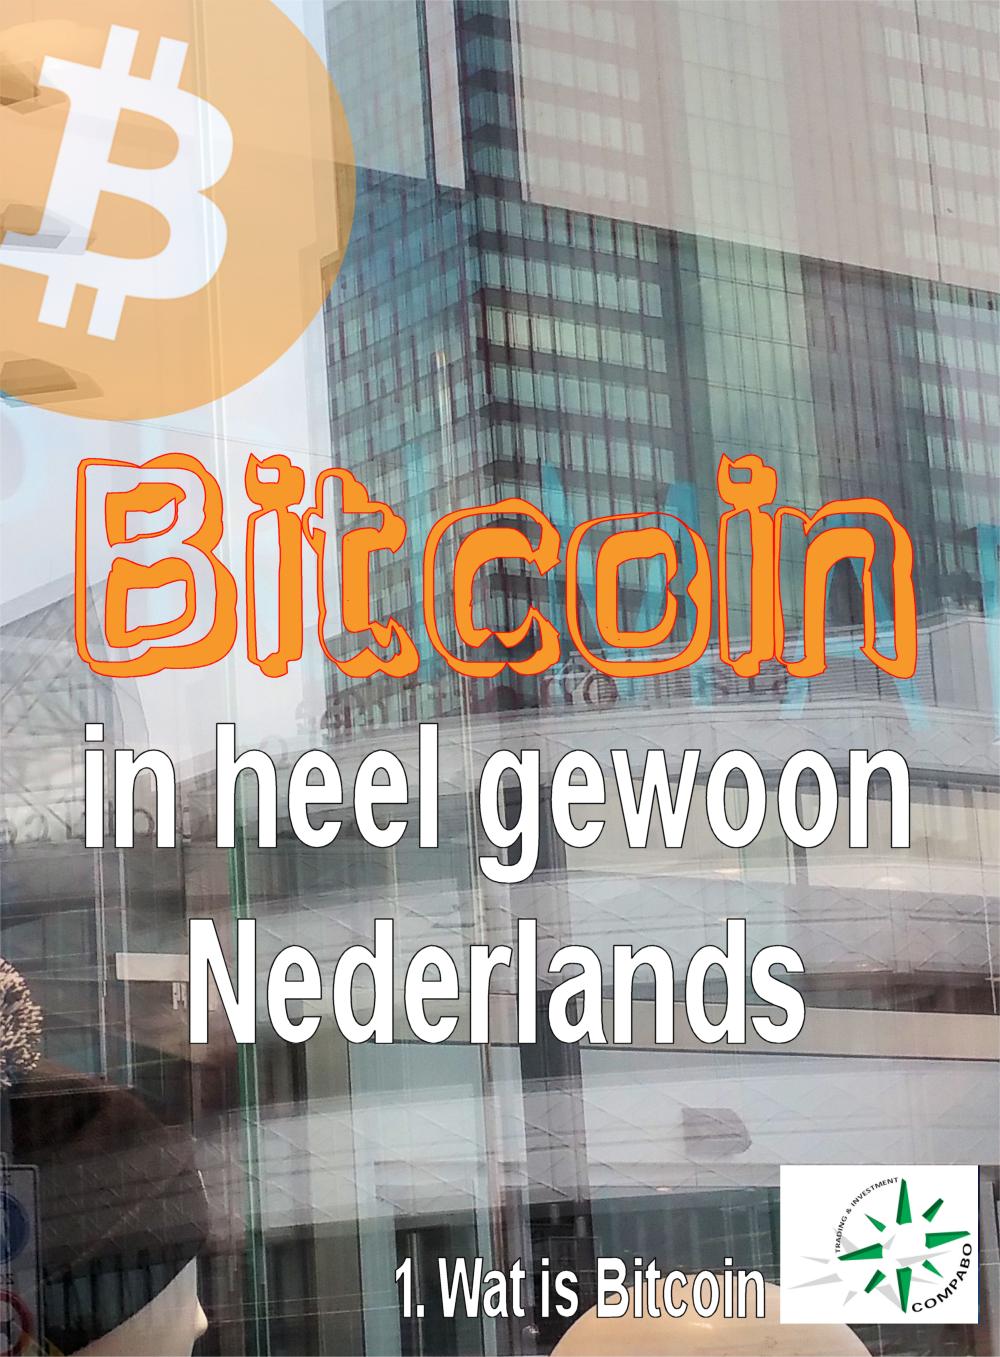 Ga naar deel 1, wat is bitcoin